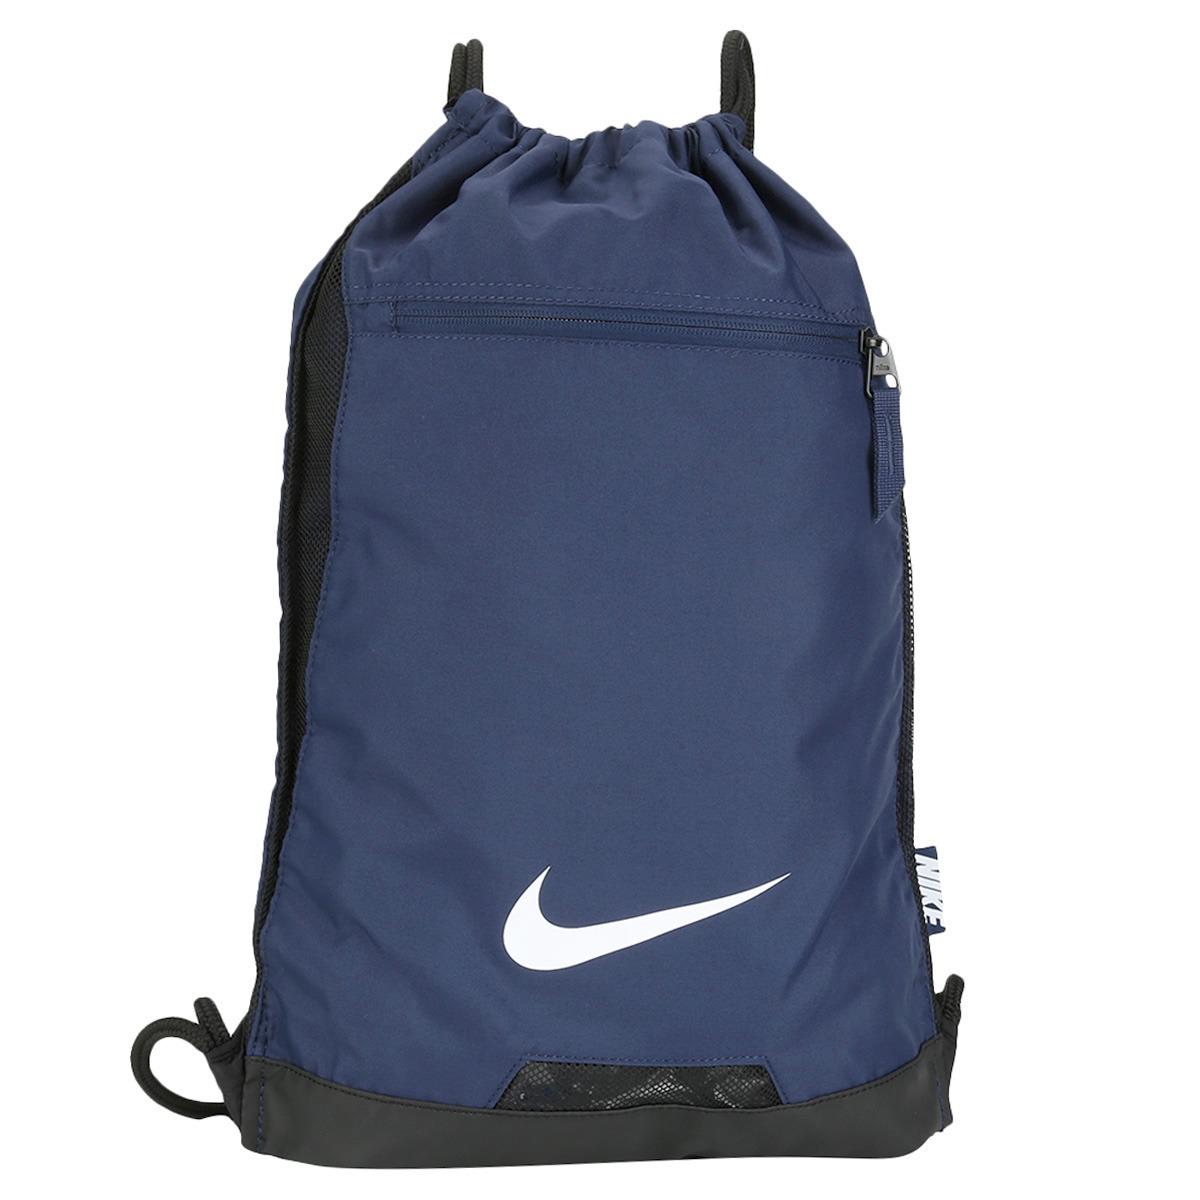 fd26ade87 Sacola Nike Alpha Adapt Gymsack - R$ 59,99 em Mercado Livre